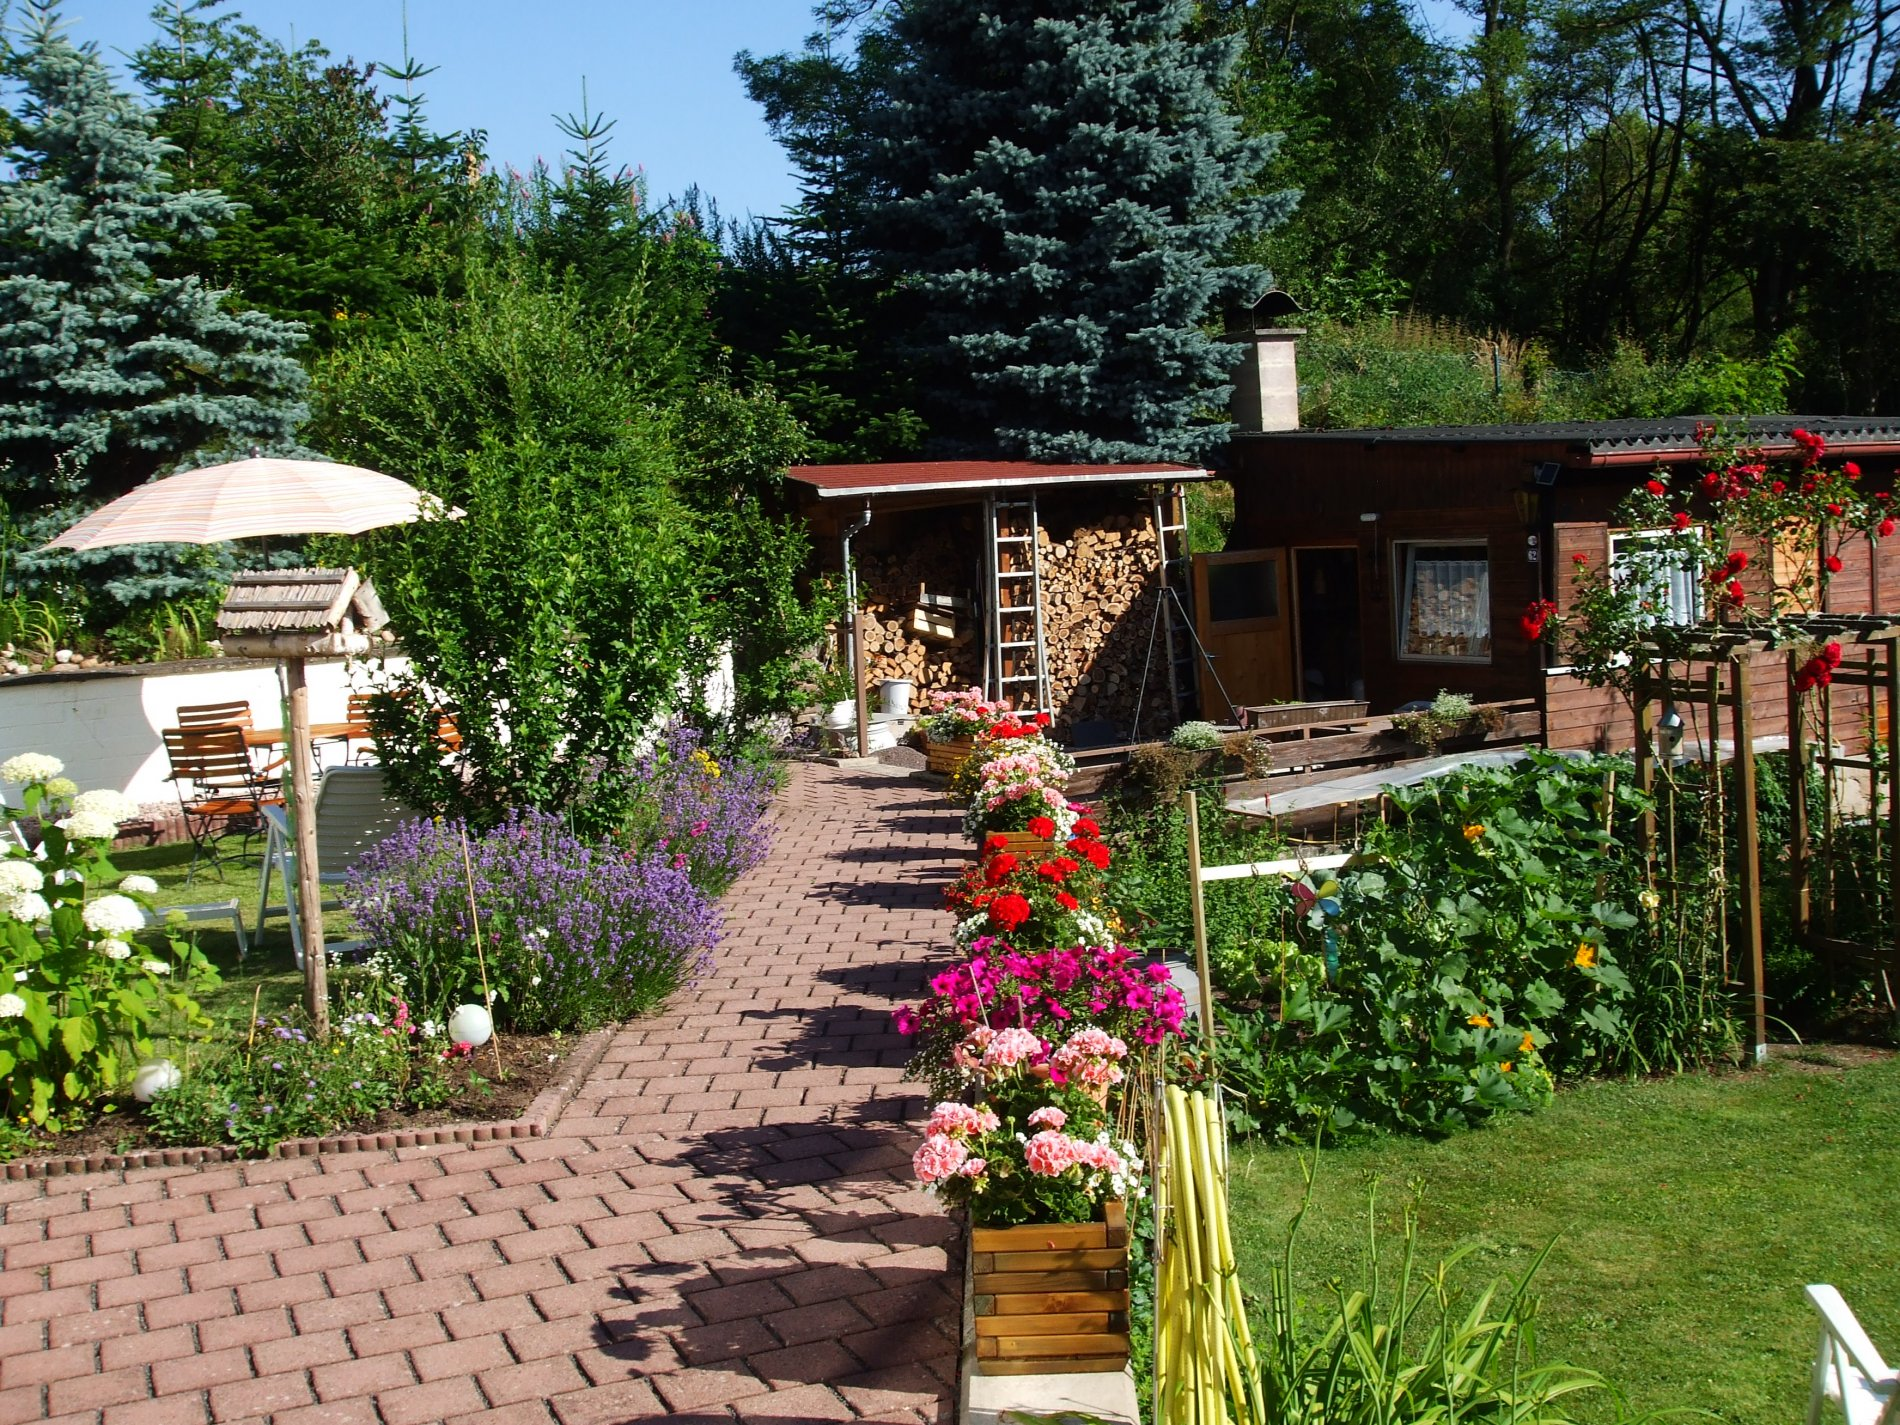 Garten mit Gartenhaus, Tisch mit drei Stühlen und Blumen